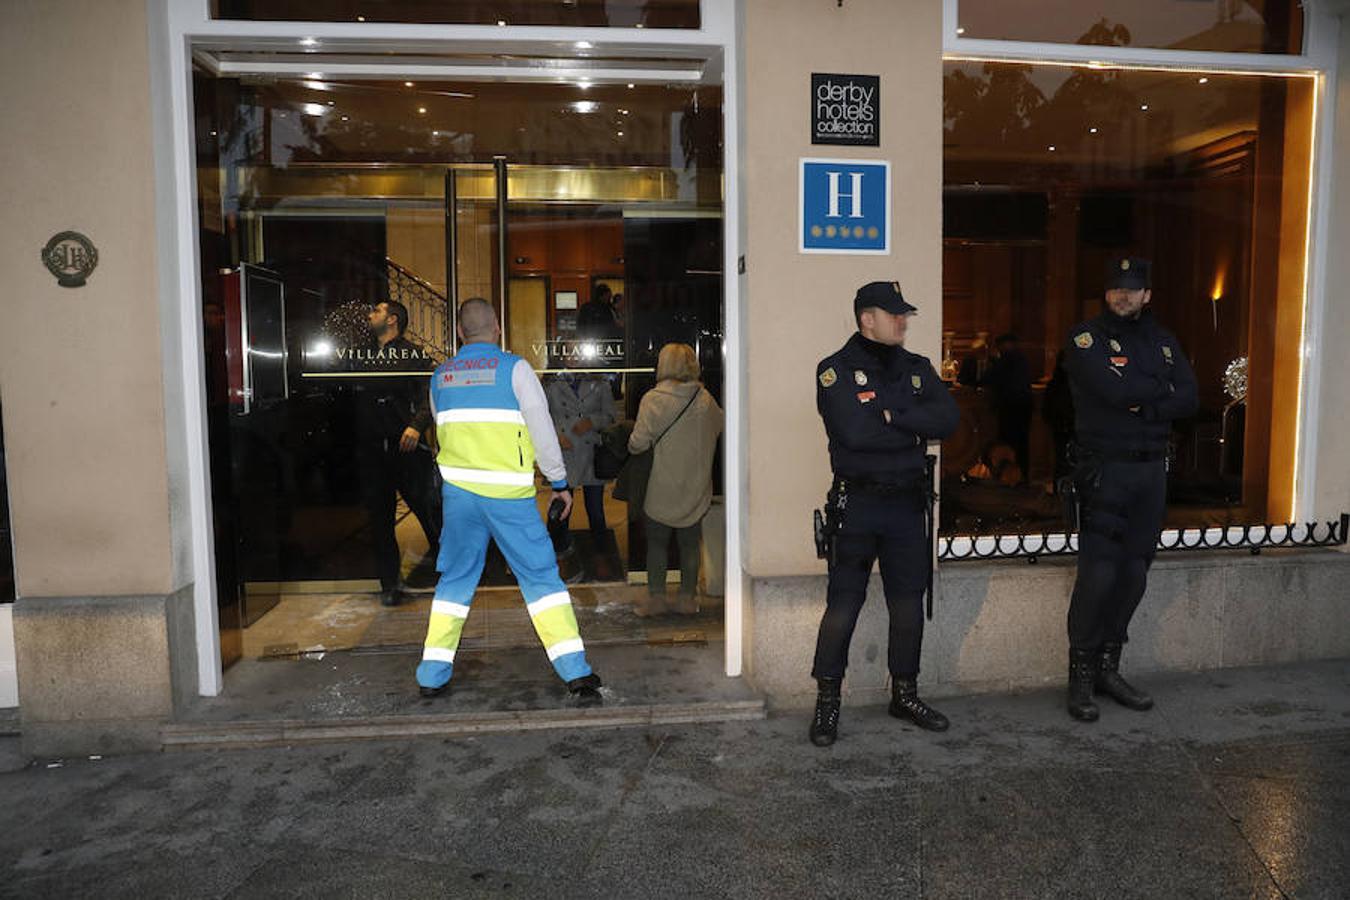 Facultativos del Summa y agentes de la Policía Nacional, a las puertas del hotel de Madrid, situado en las inmediaciones del Congreso de los Diputados, donde ha fallecido la senadora y exalcaldesa de Valencia Rita Barberá, tras sufrir un infarto